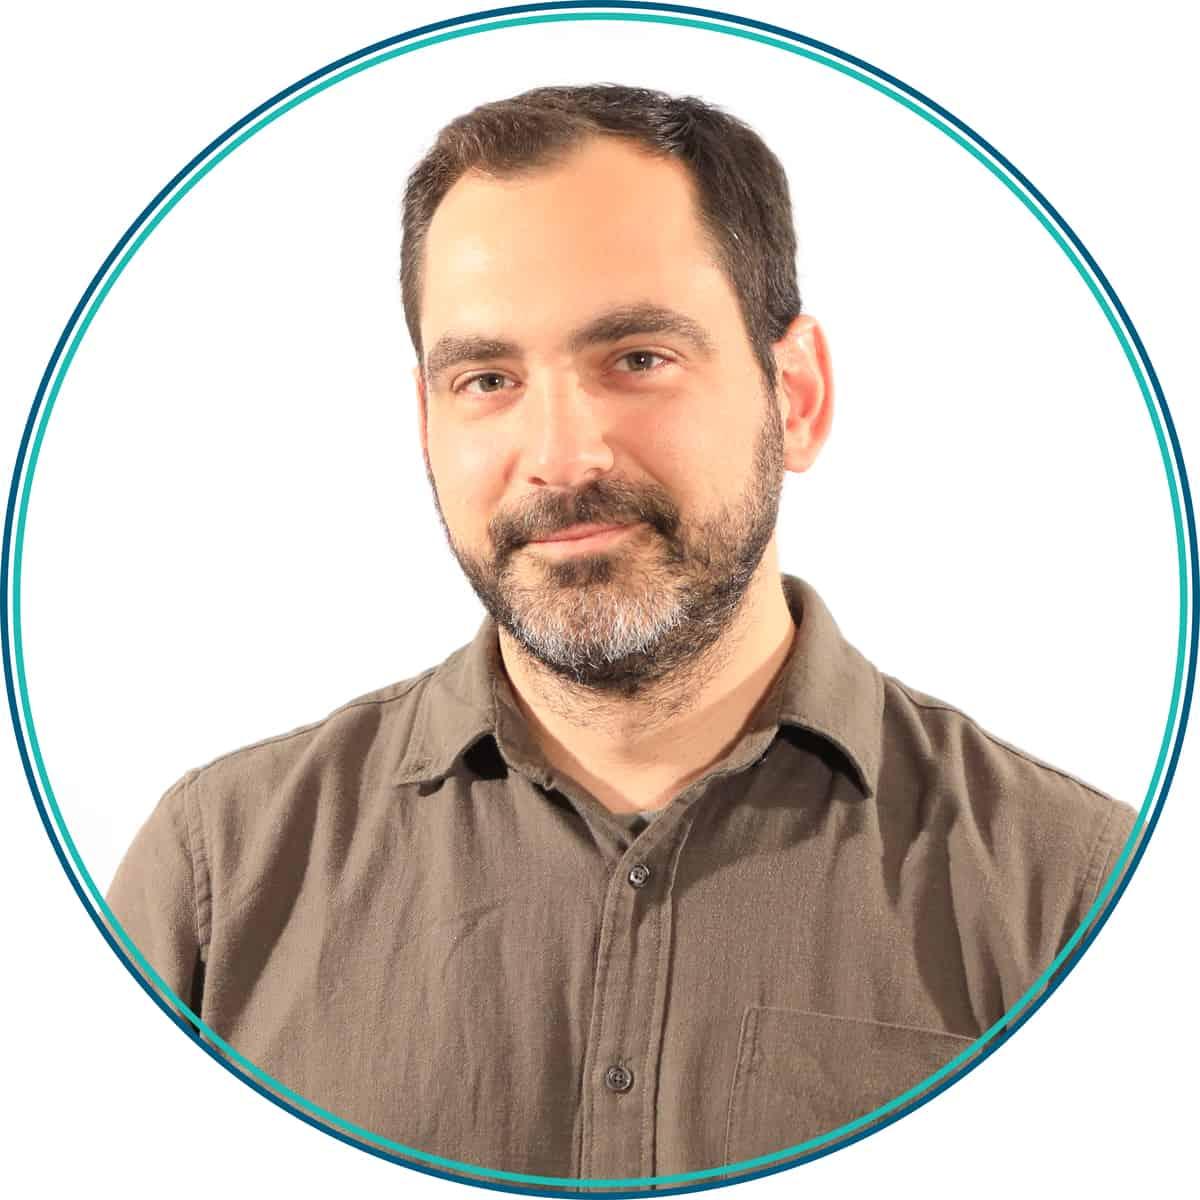 Headshot of Jordan Melograna